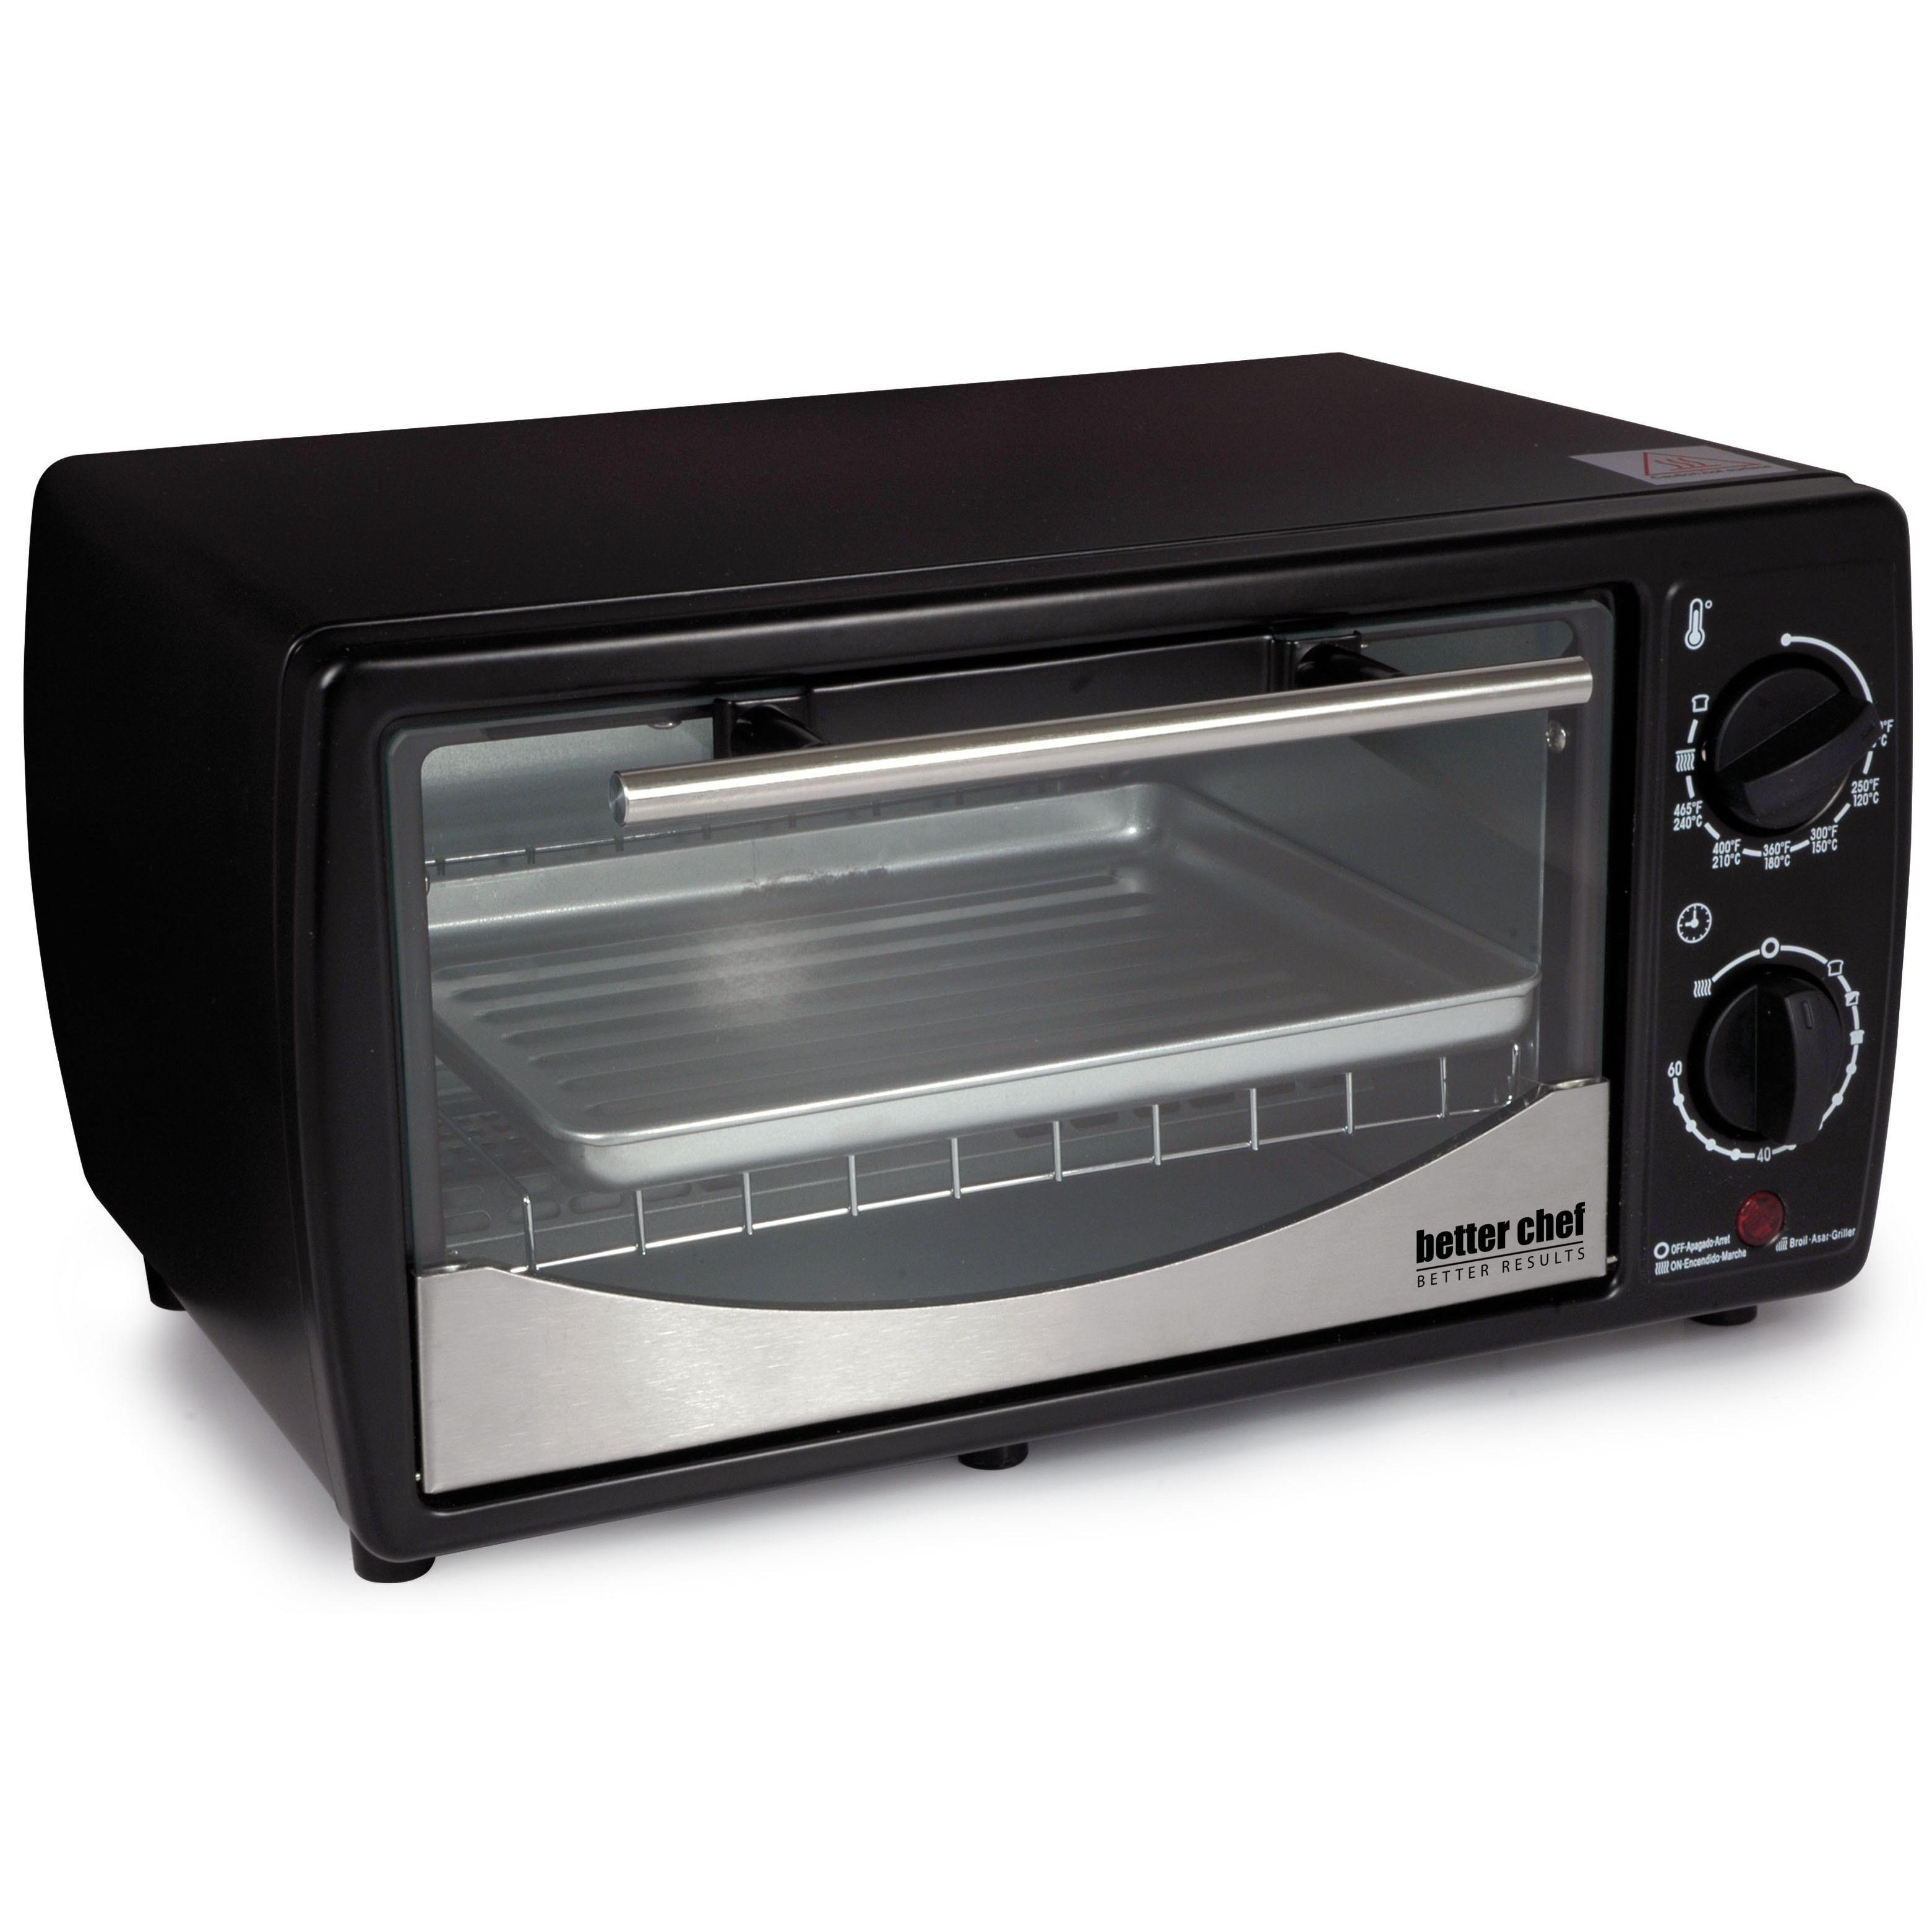 Better Chef 9 Liter Toaster Oven Broiler Black Metal Tempered Glass Door Countertop Oven Best Chef